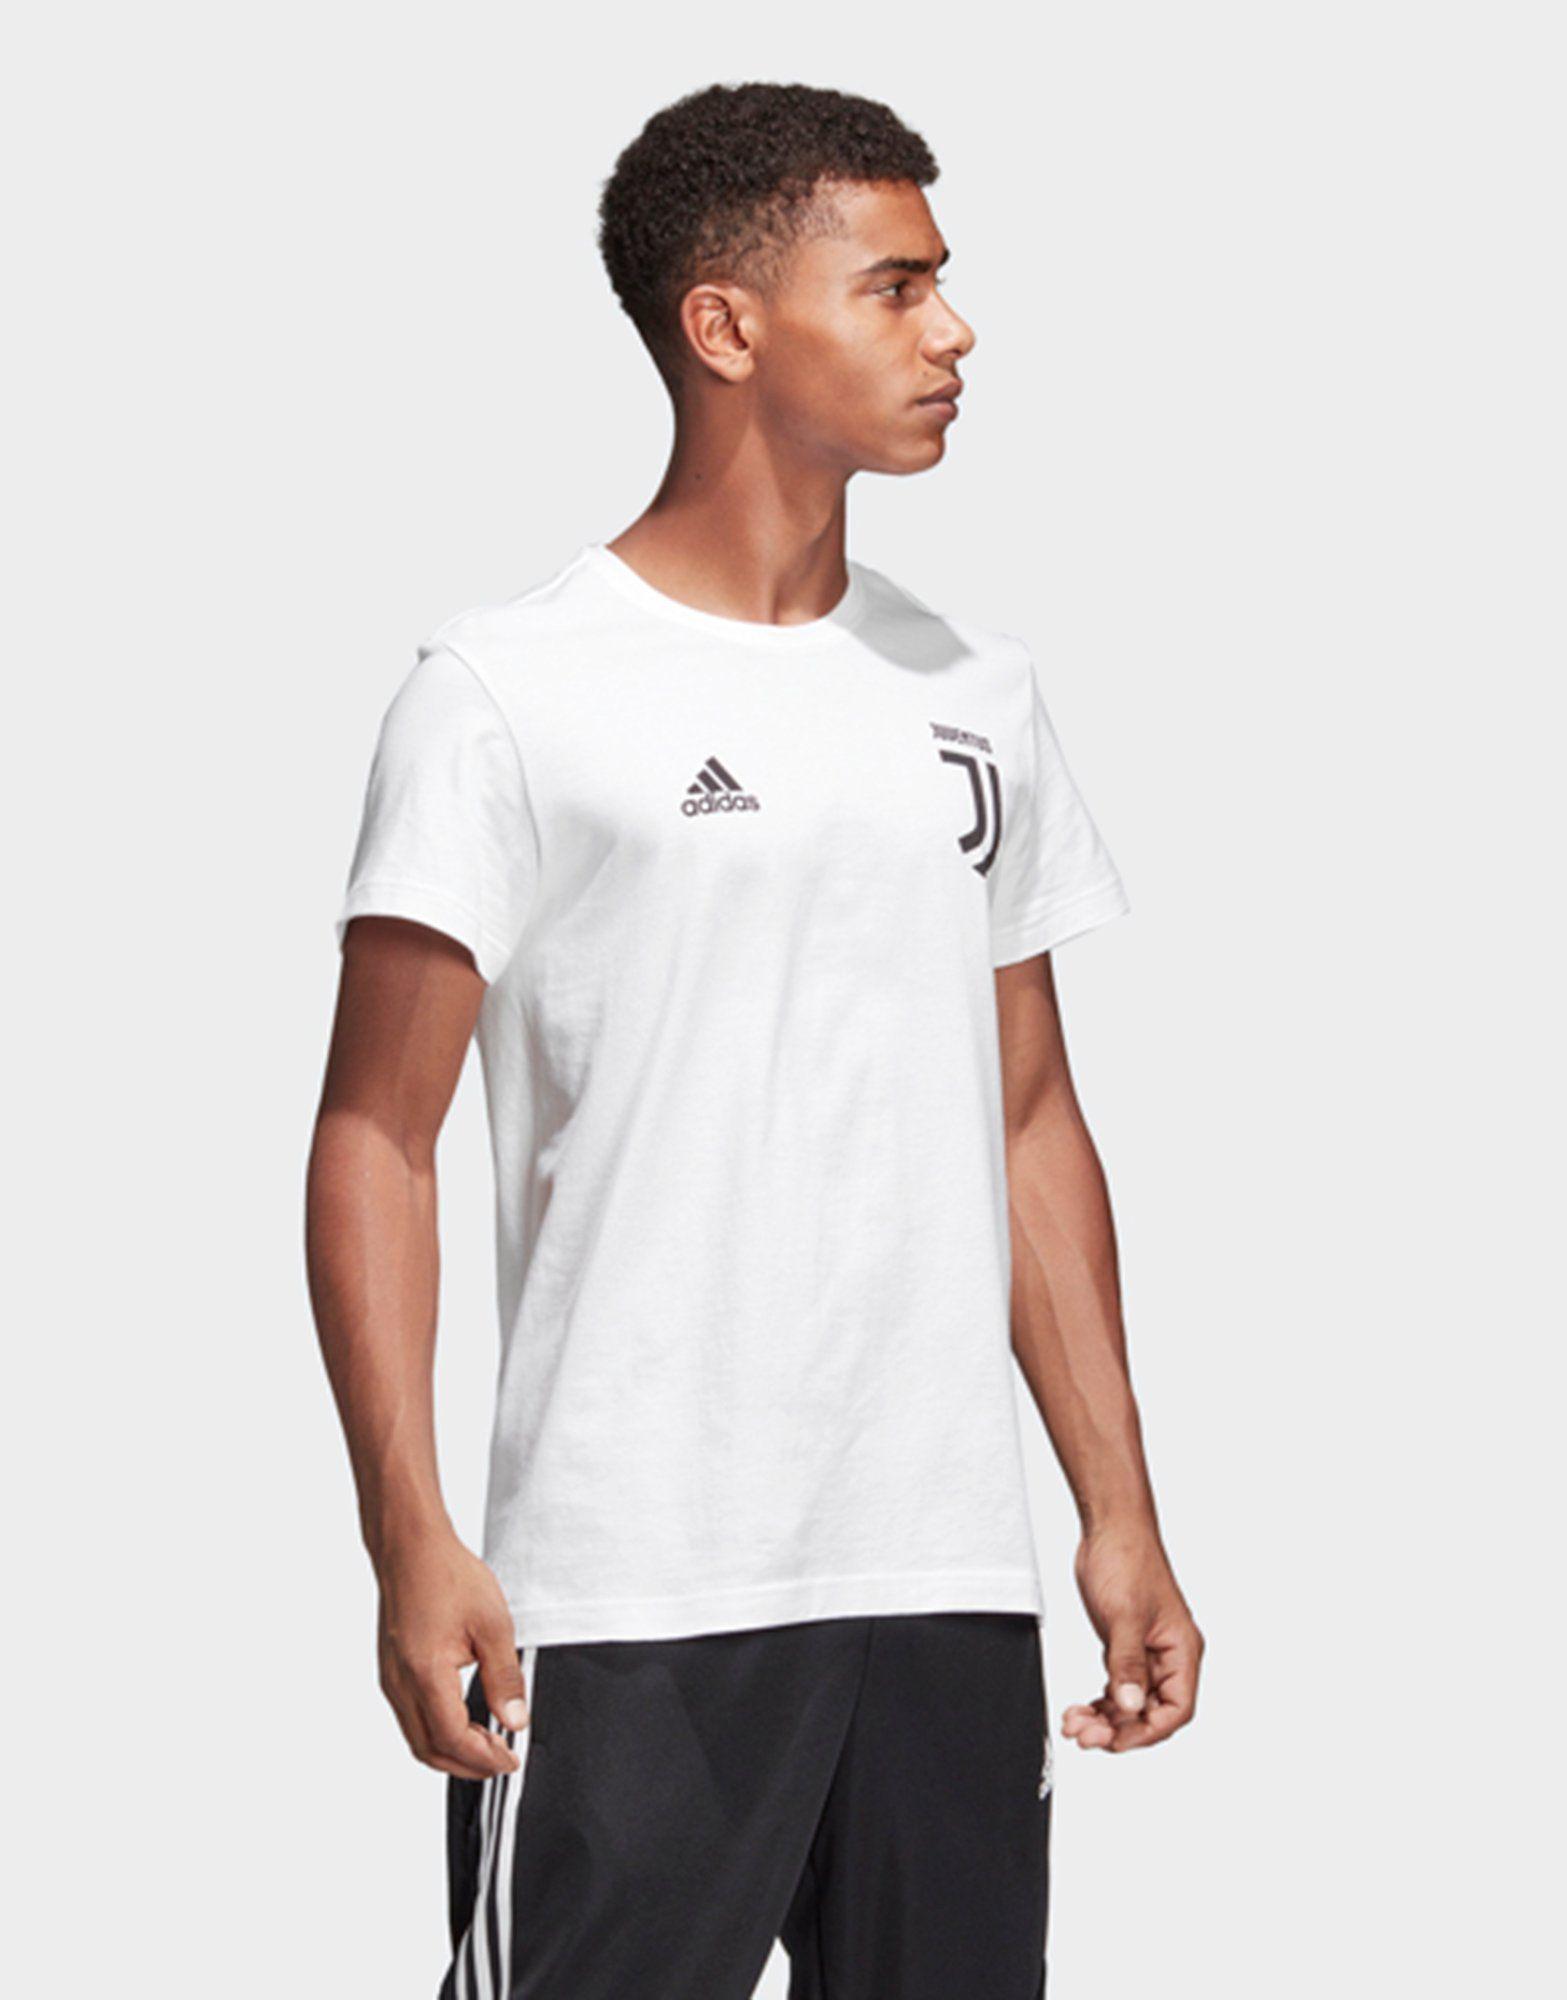 ADIDAS Juventus Turin Graphic T-Shirt